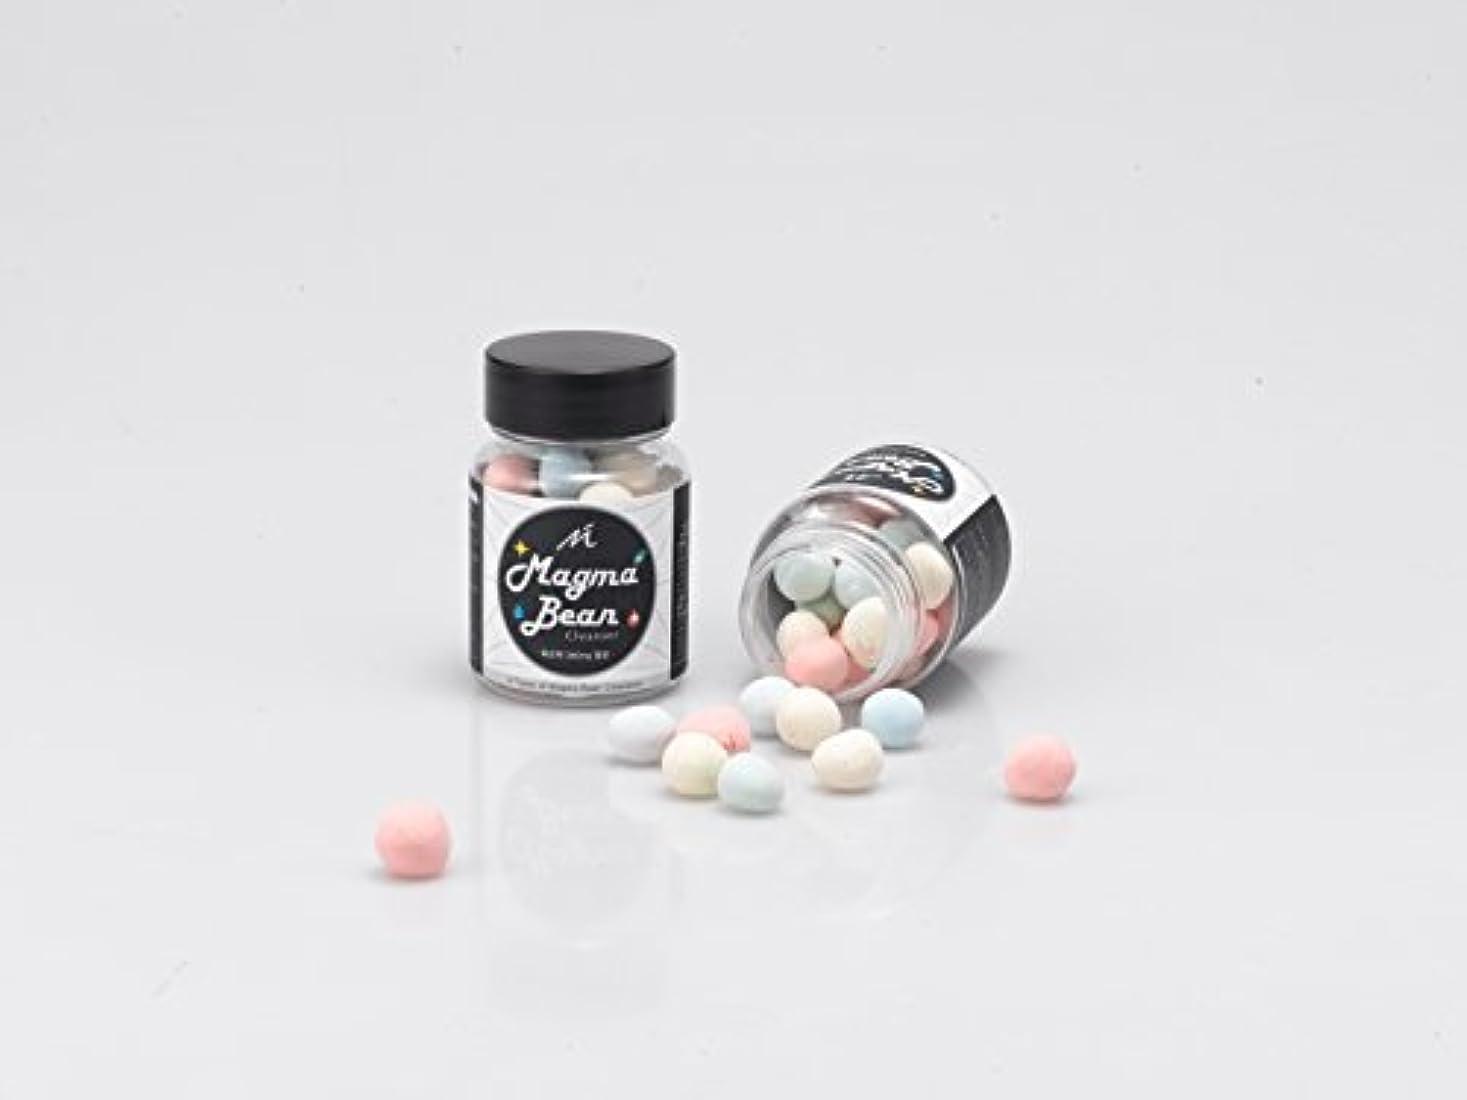 忠実に平凡スペースNMC マグマ ビーン ソリッド ソープ/Magma Bean Solid Soap (34g) [並行輸入品]